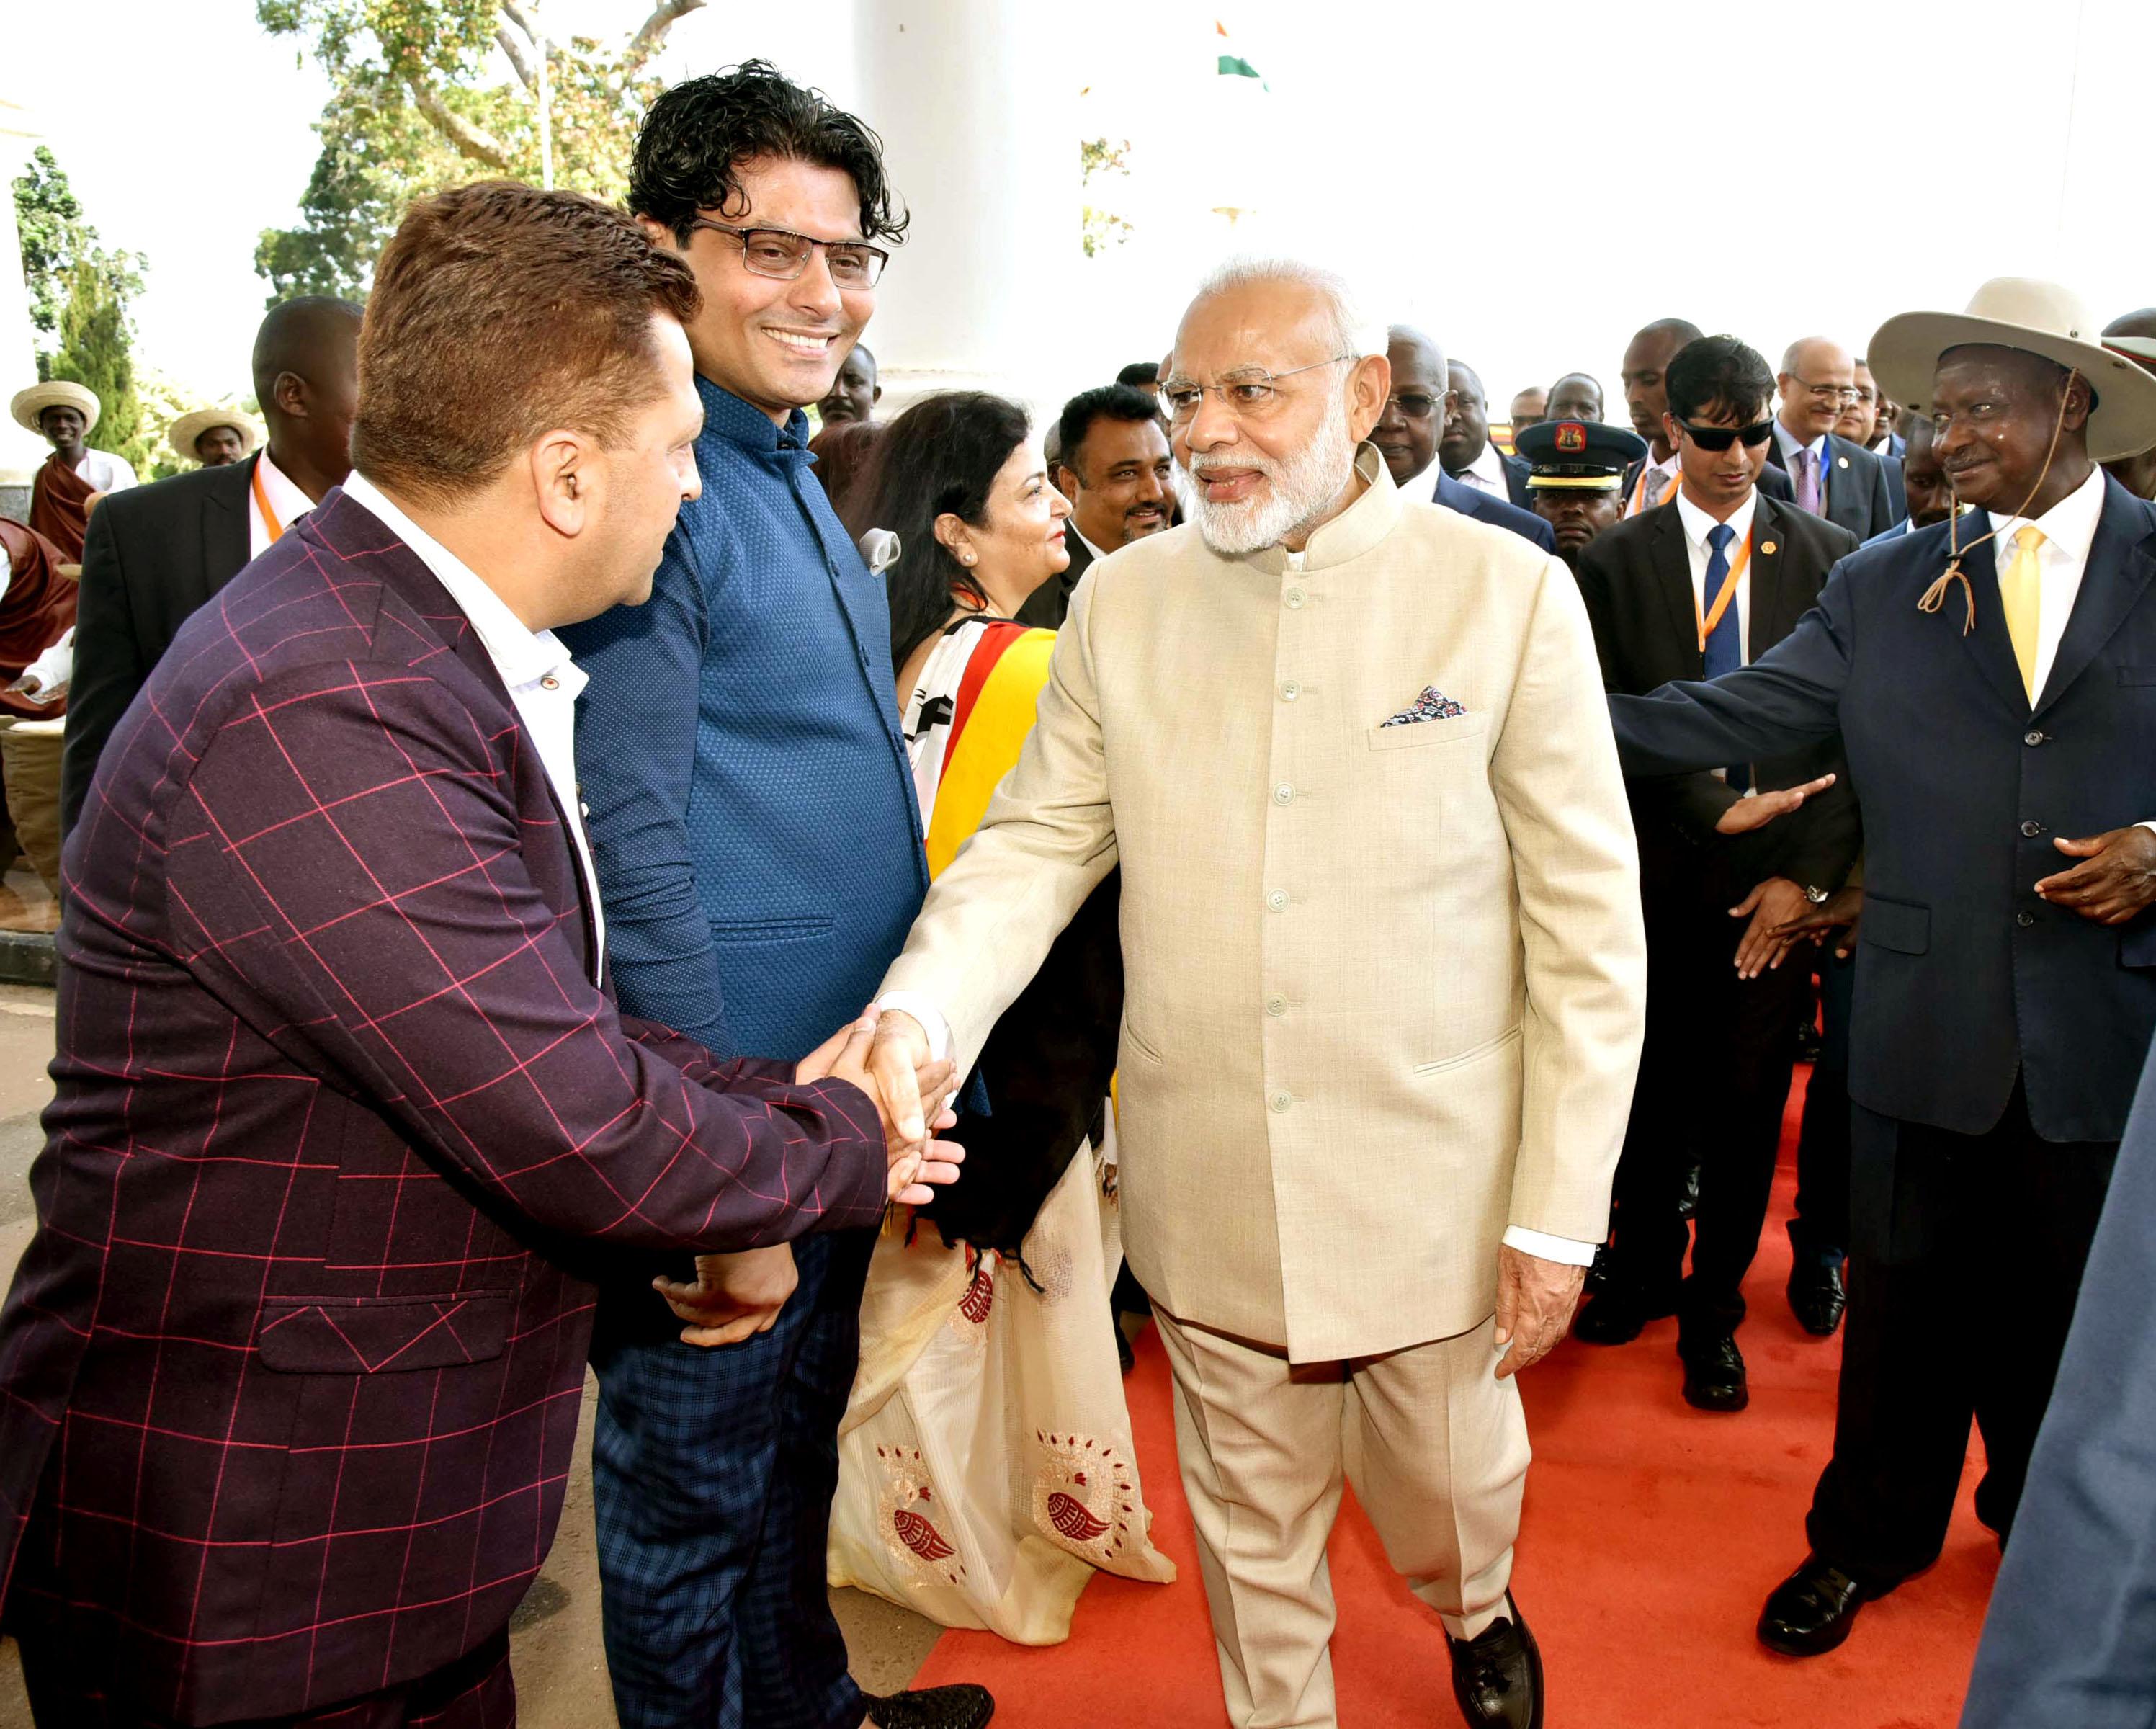 लिबास के डिजाइनर रियाज गांगजी को मोदी का स्वागत करने के लिए आमंत्रित